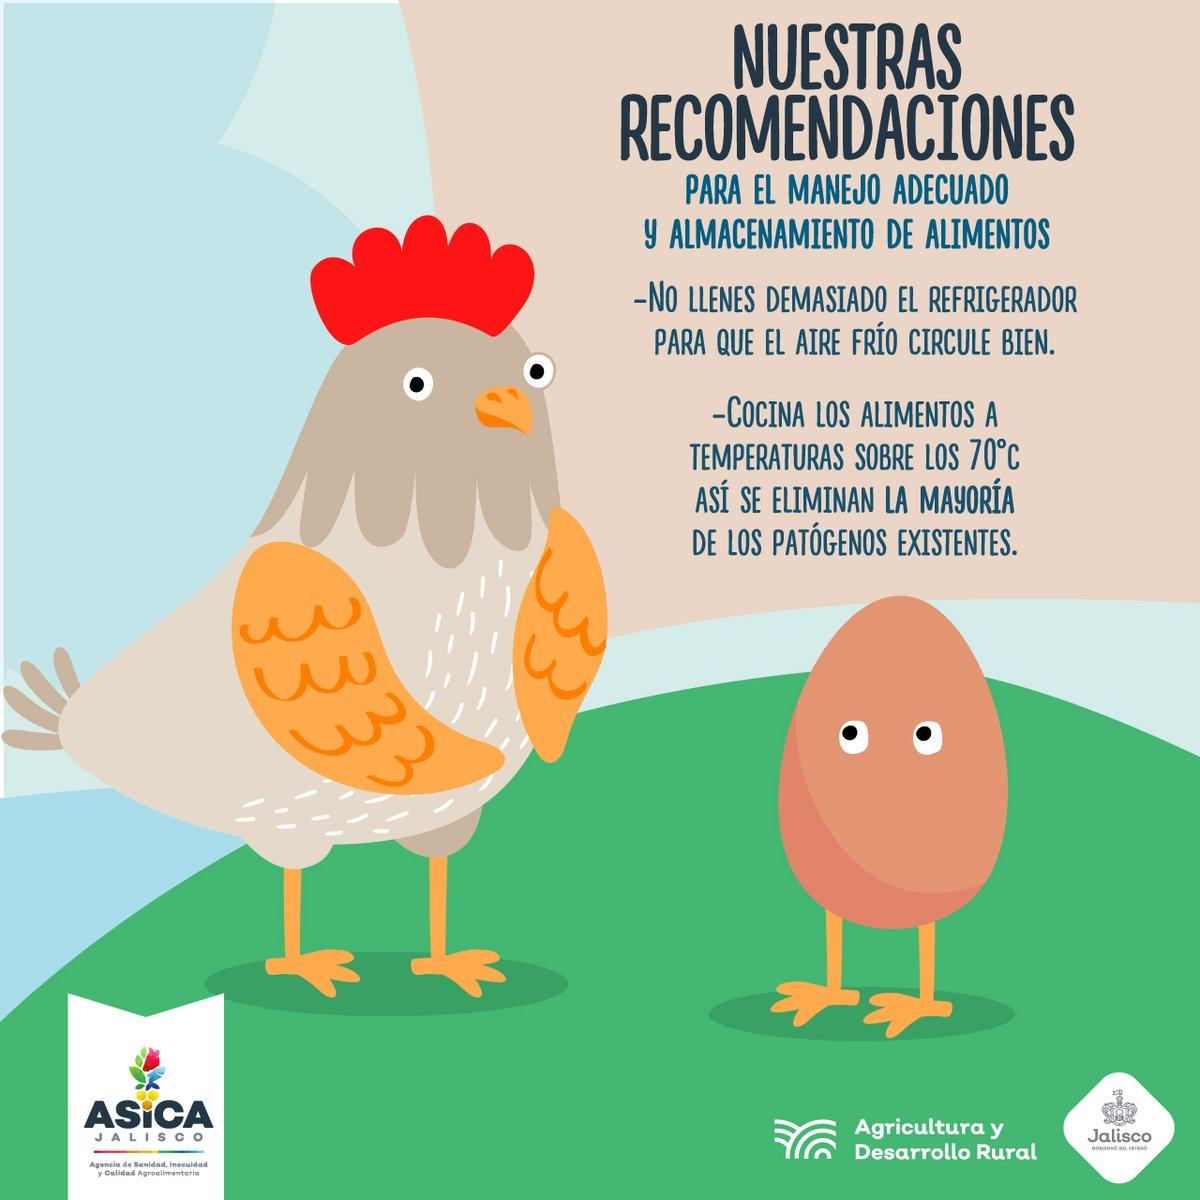 Te invitamos a seguir estas sencillas recomendaciones de manejo y almacenamiento higiénico de los alimentos. #ASICAJalisco #InocuidadJalisco #ASICA #Sanidad #Alimentos #Calidad #FAO https://t.co/AUV5hVmNg0